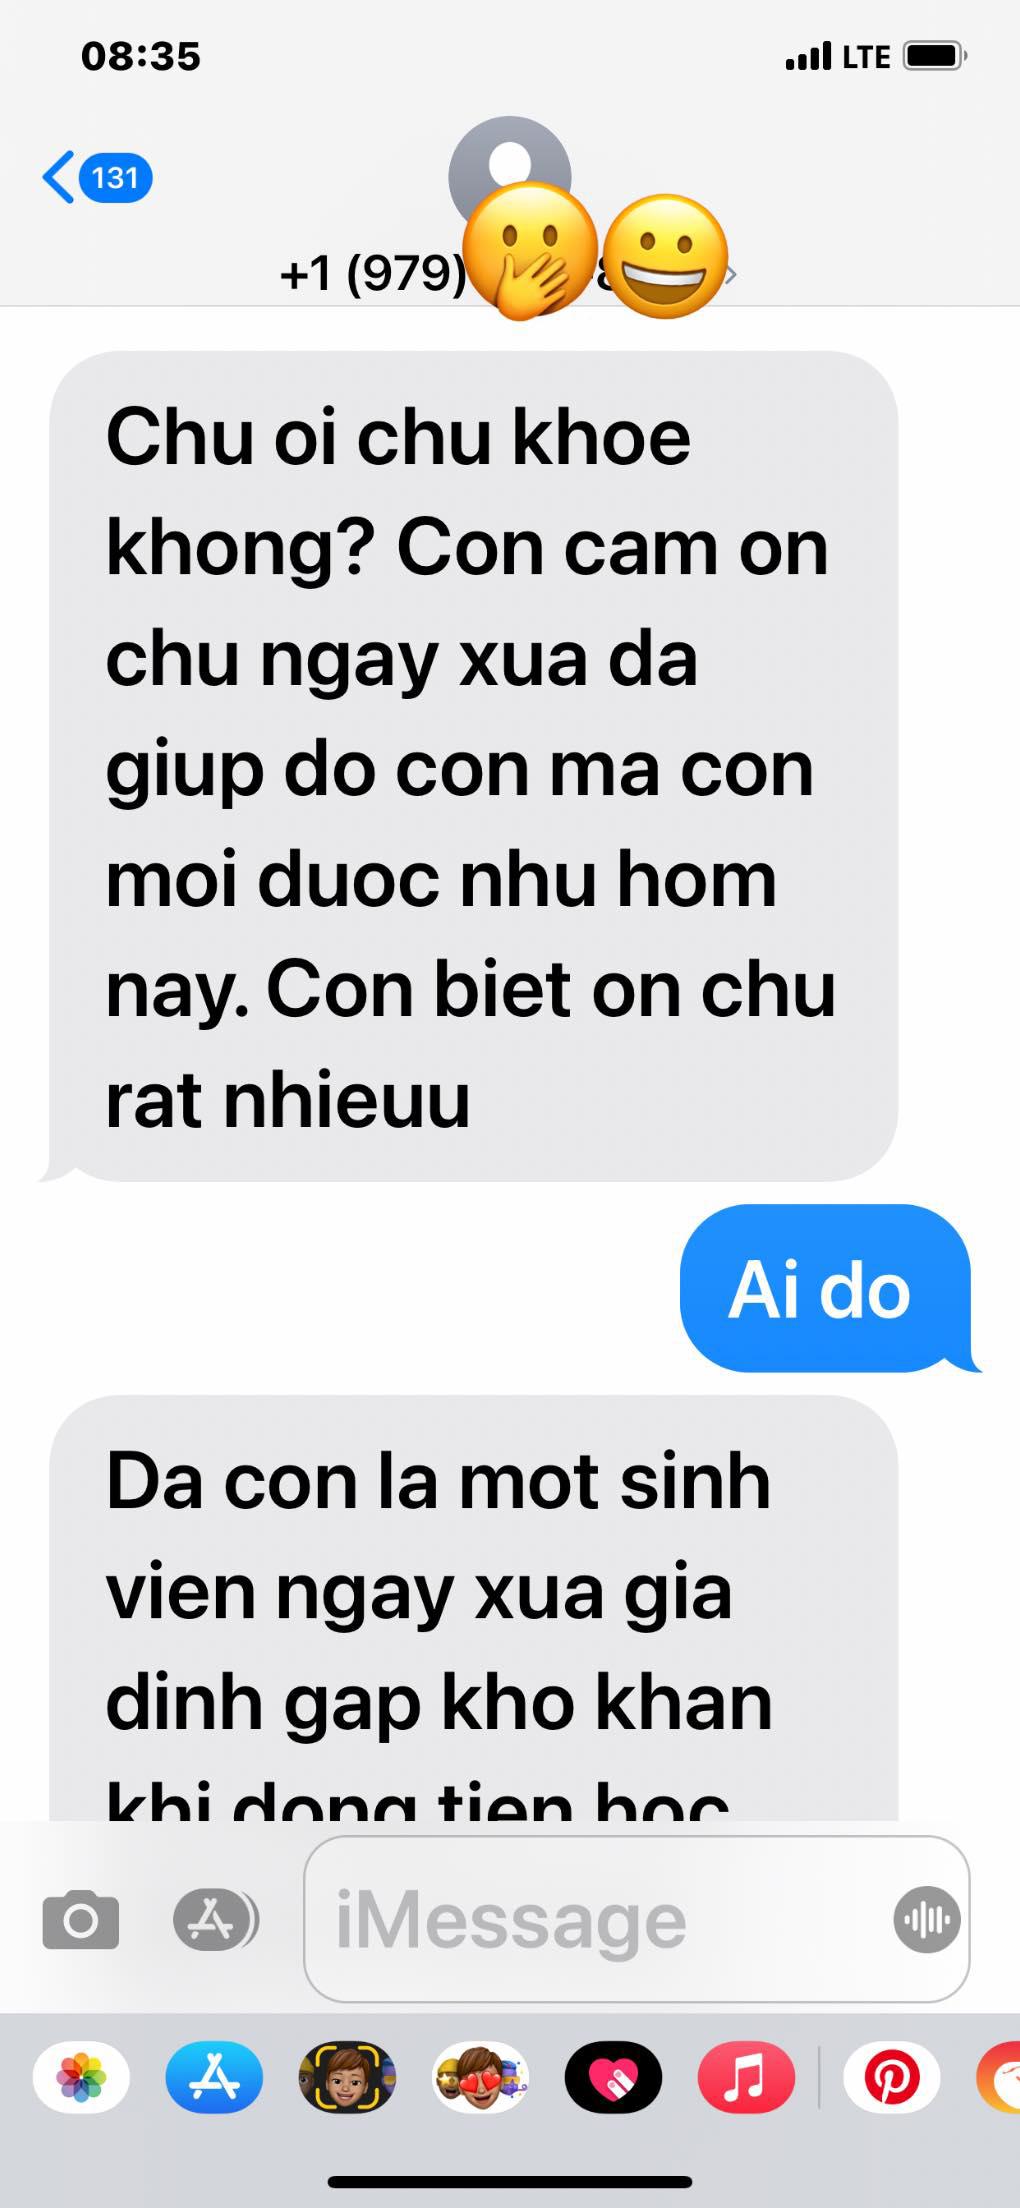 Câu chuyện cảm động của Đàm Vĩnh Hưng khi nhận loạt tin nhắn của người lạ - Ảnh 3.